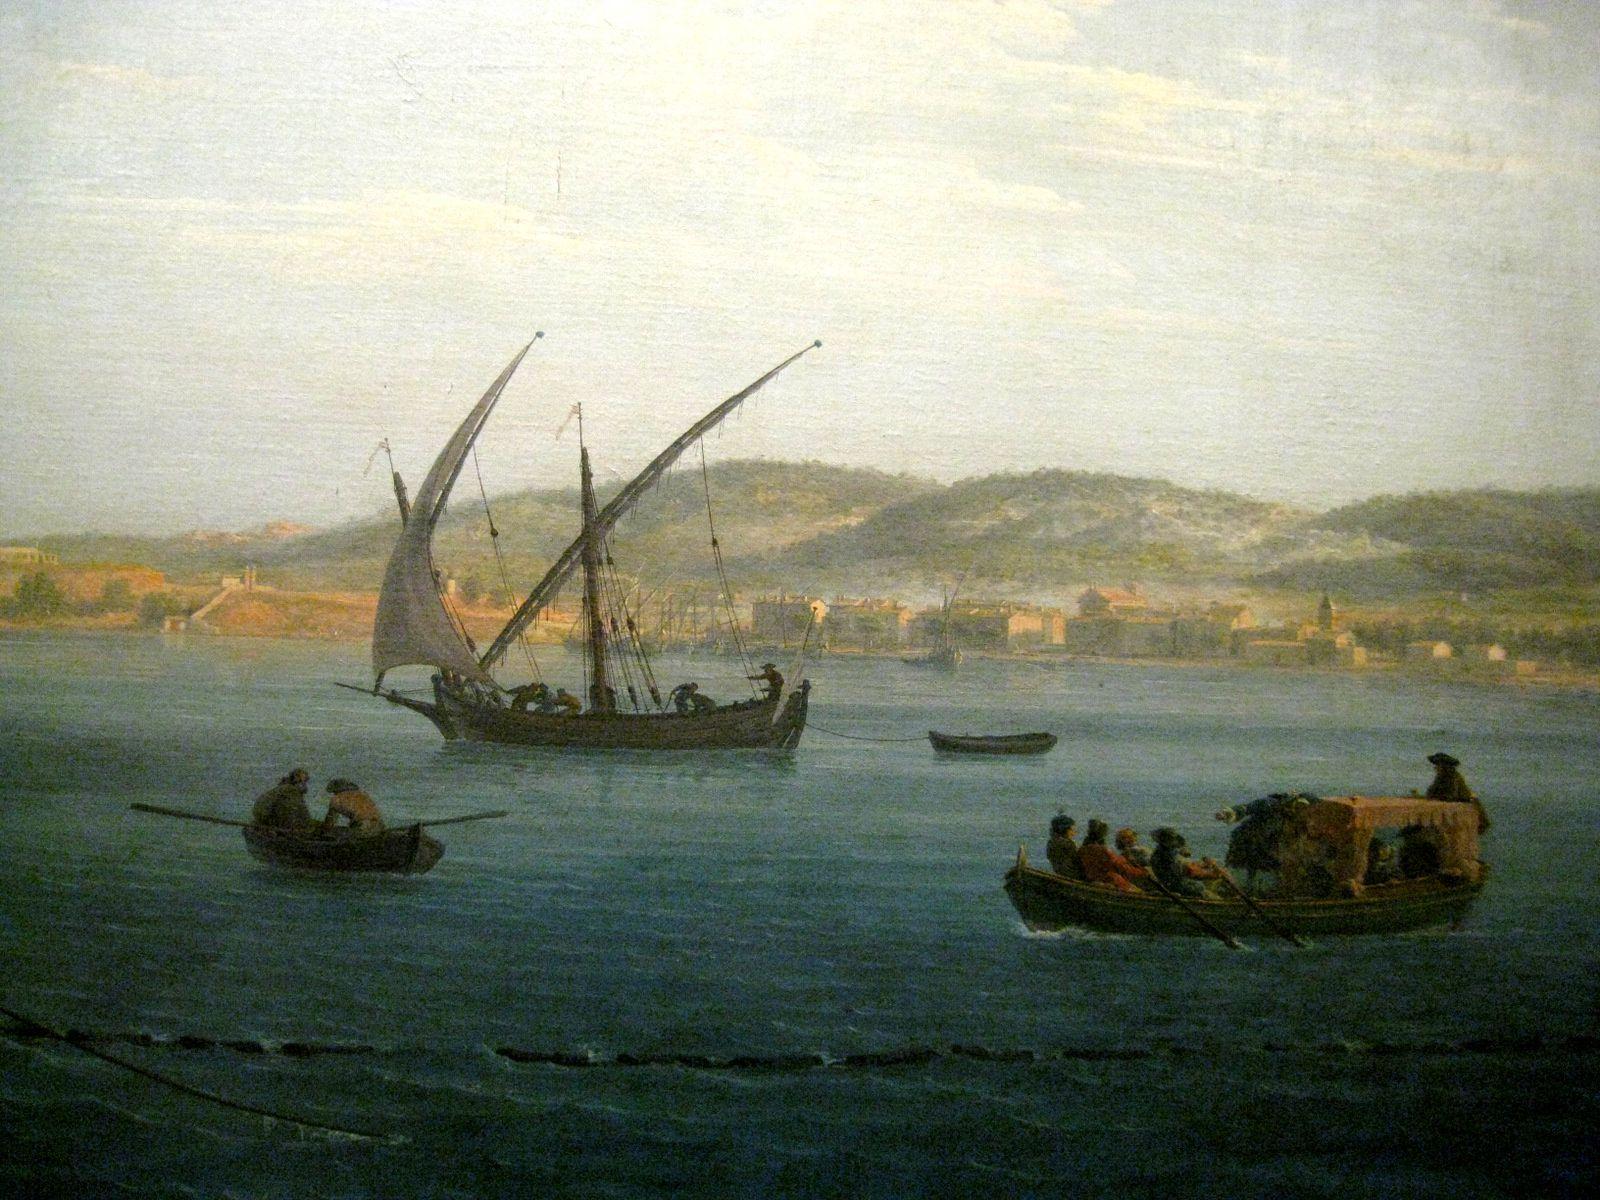 Joseph Vernet, la Madrague ou la Pêche au thon